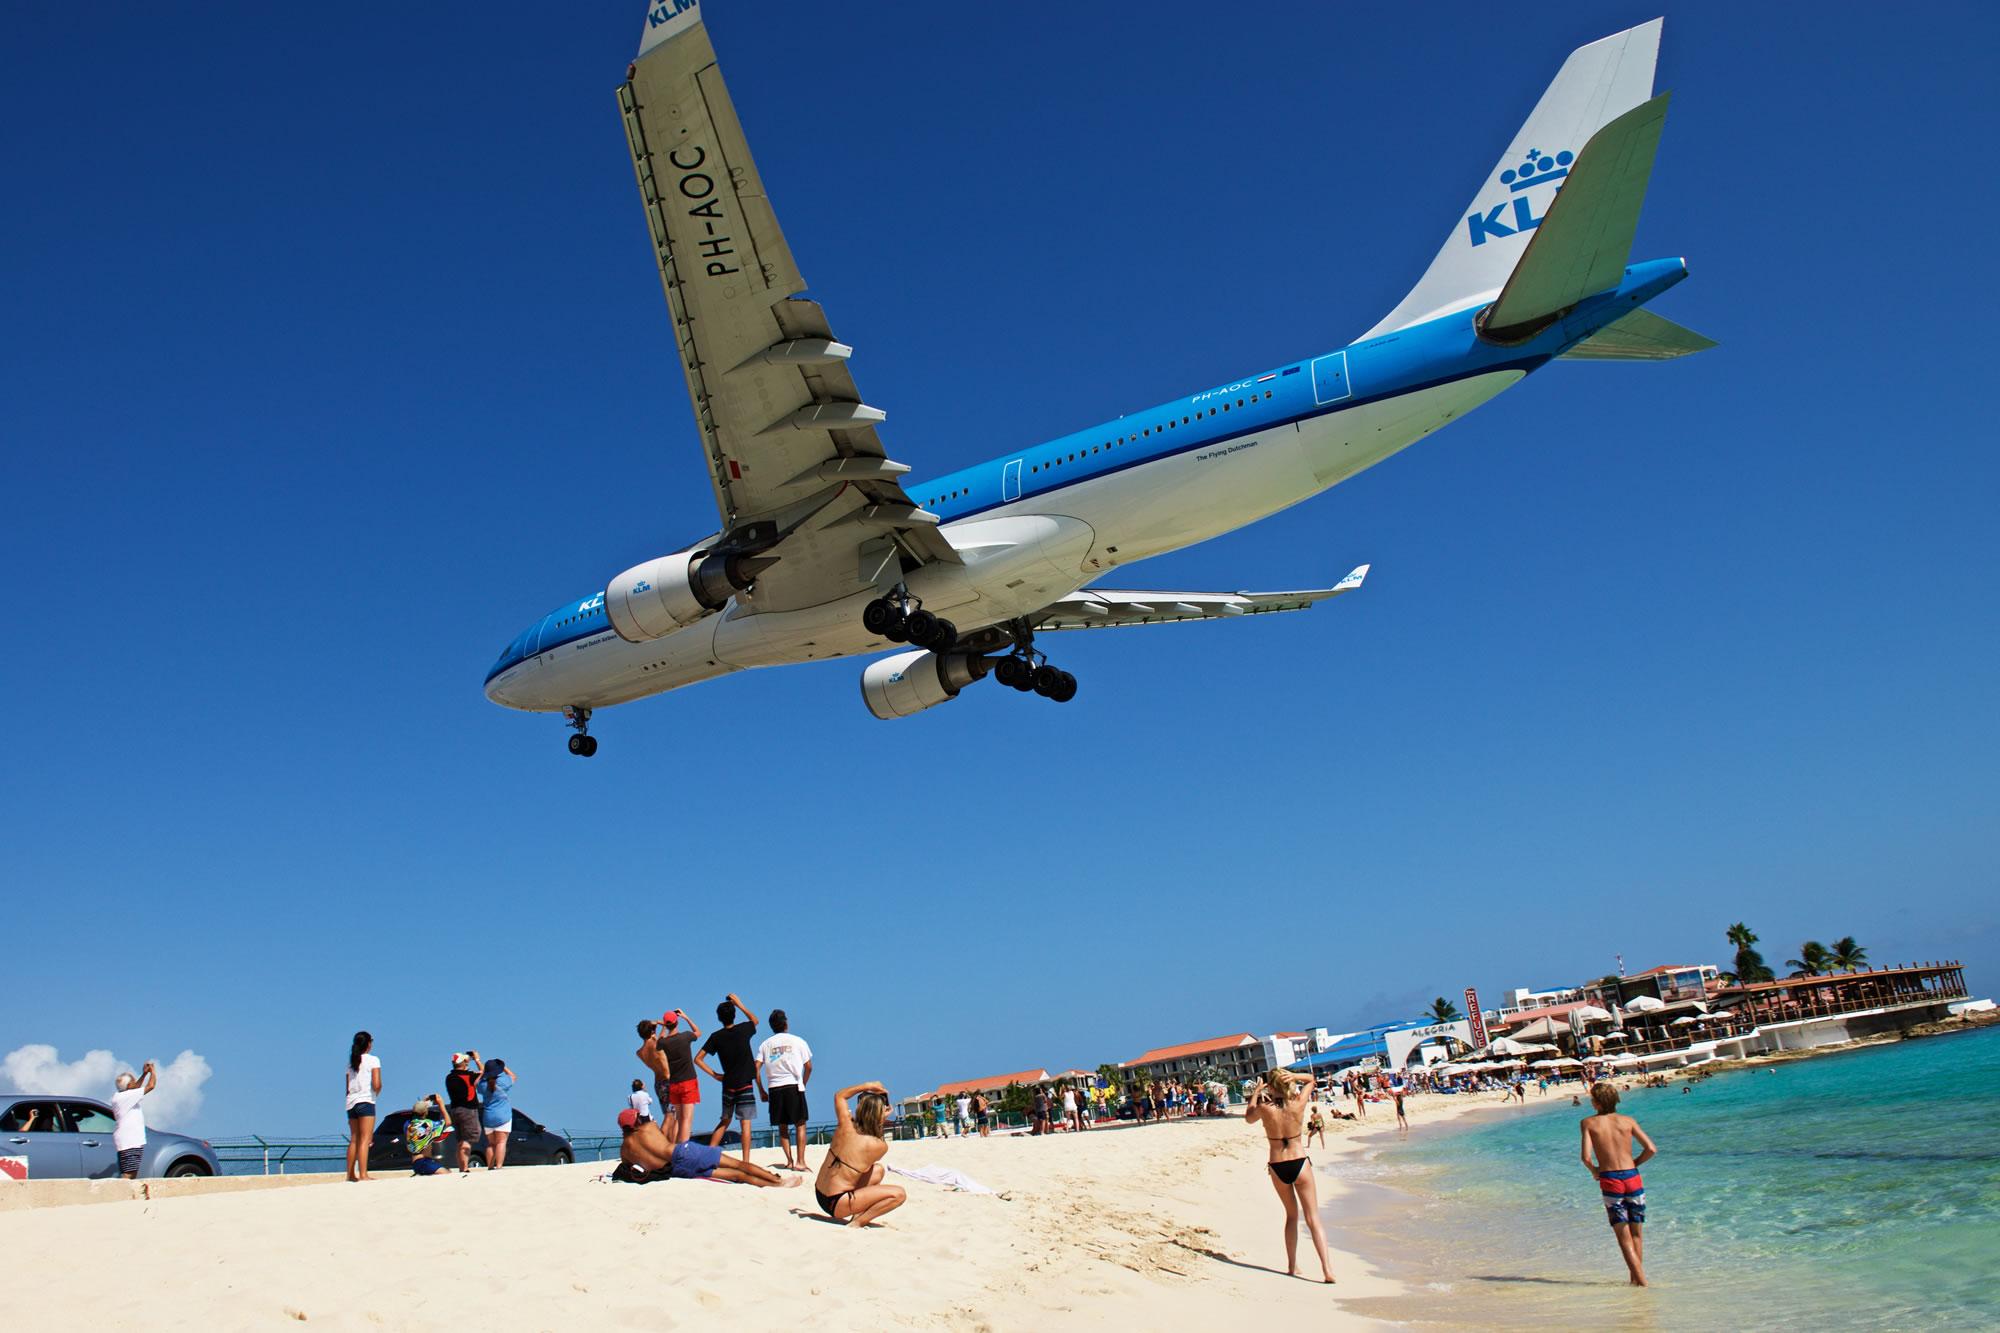 Neem een iconische foto van een vliegtuig dat land op Maho Beach